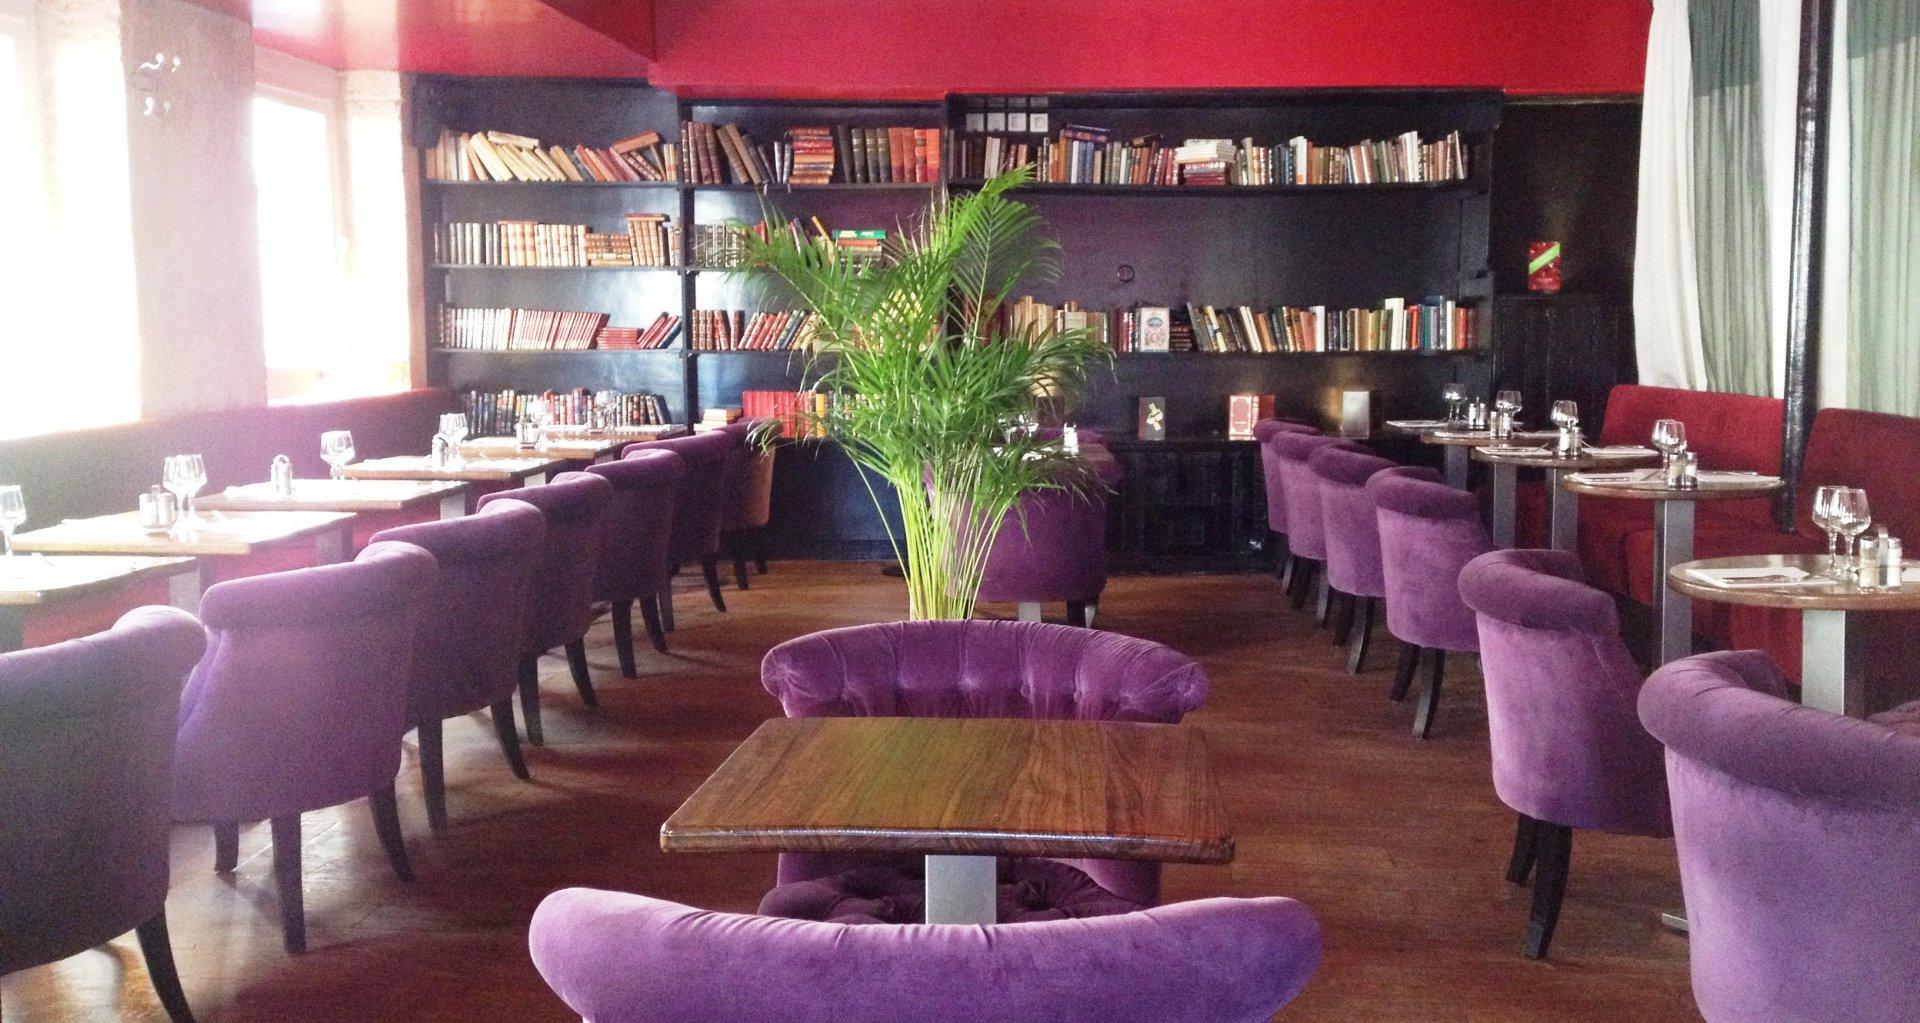 Repas entreprise dans un lieu moderne et cosy à Paris 11 restaurant groupe PARIS 11 75